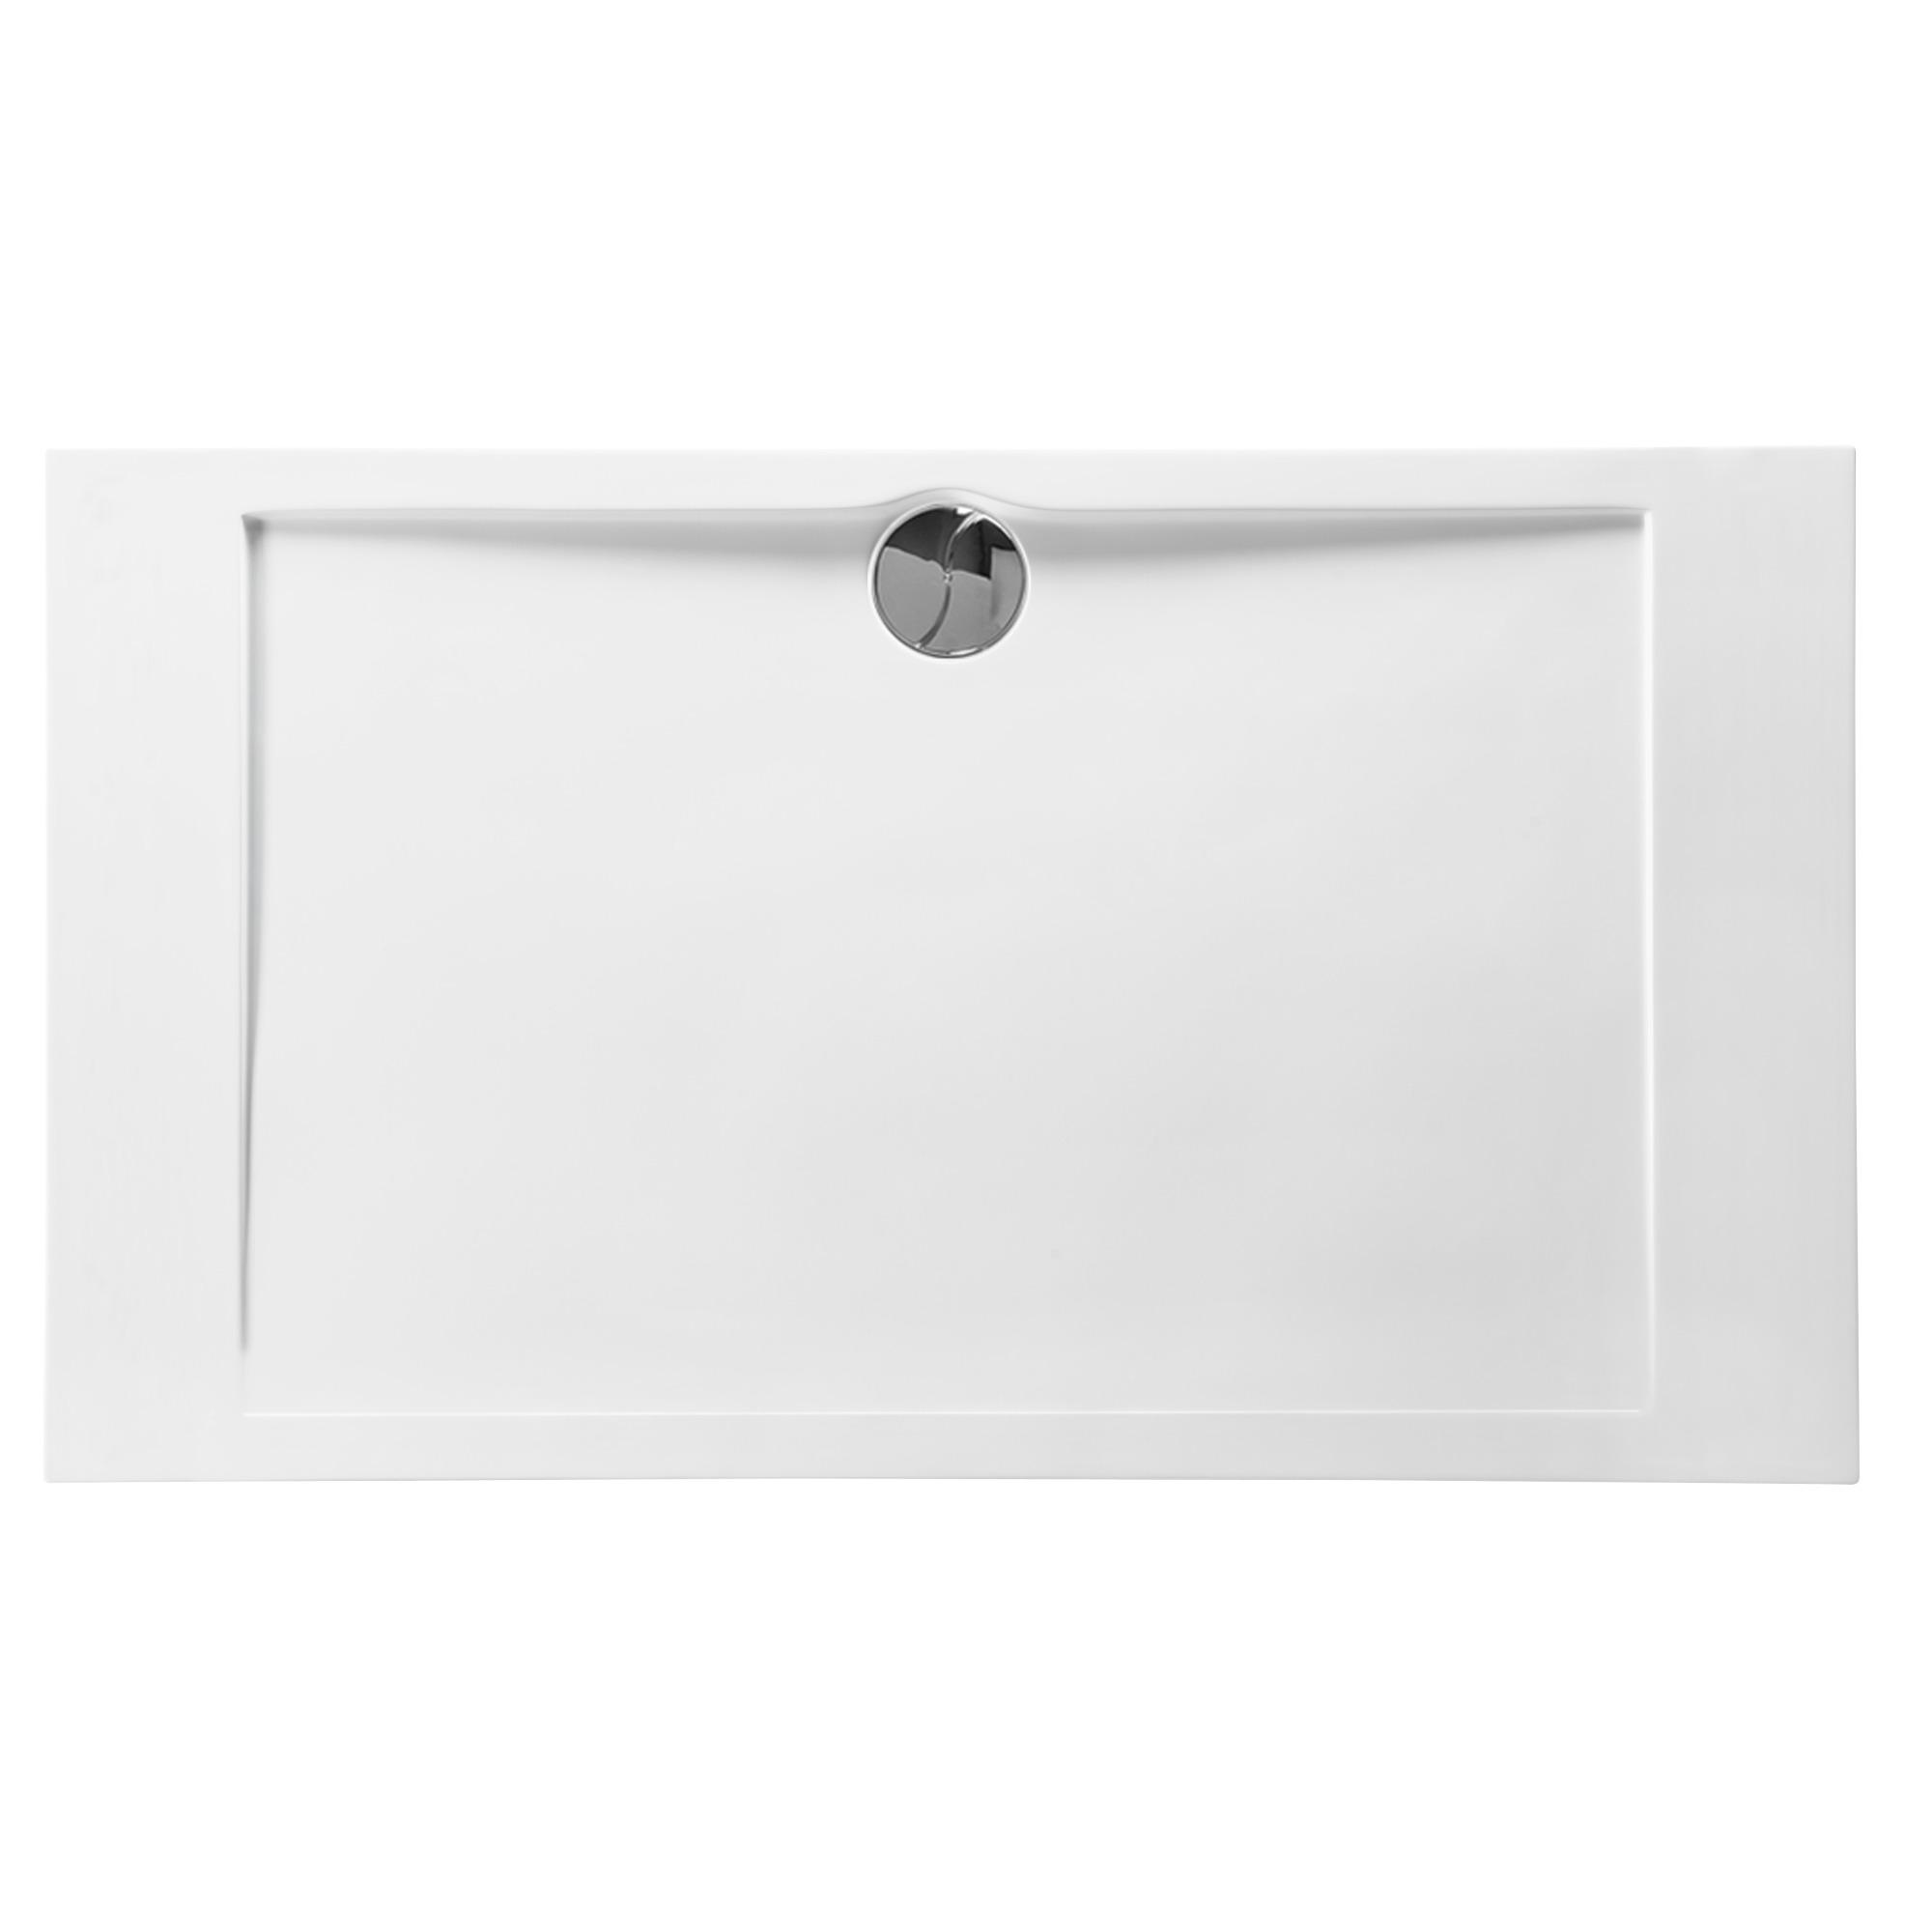 Allibert receveur slim 140x80 polyb ton blanc receveurs caniveaux de - Receveur de douche allibert ...